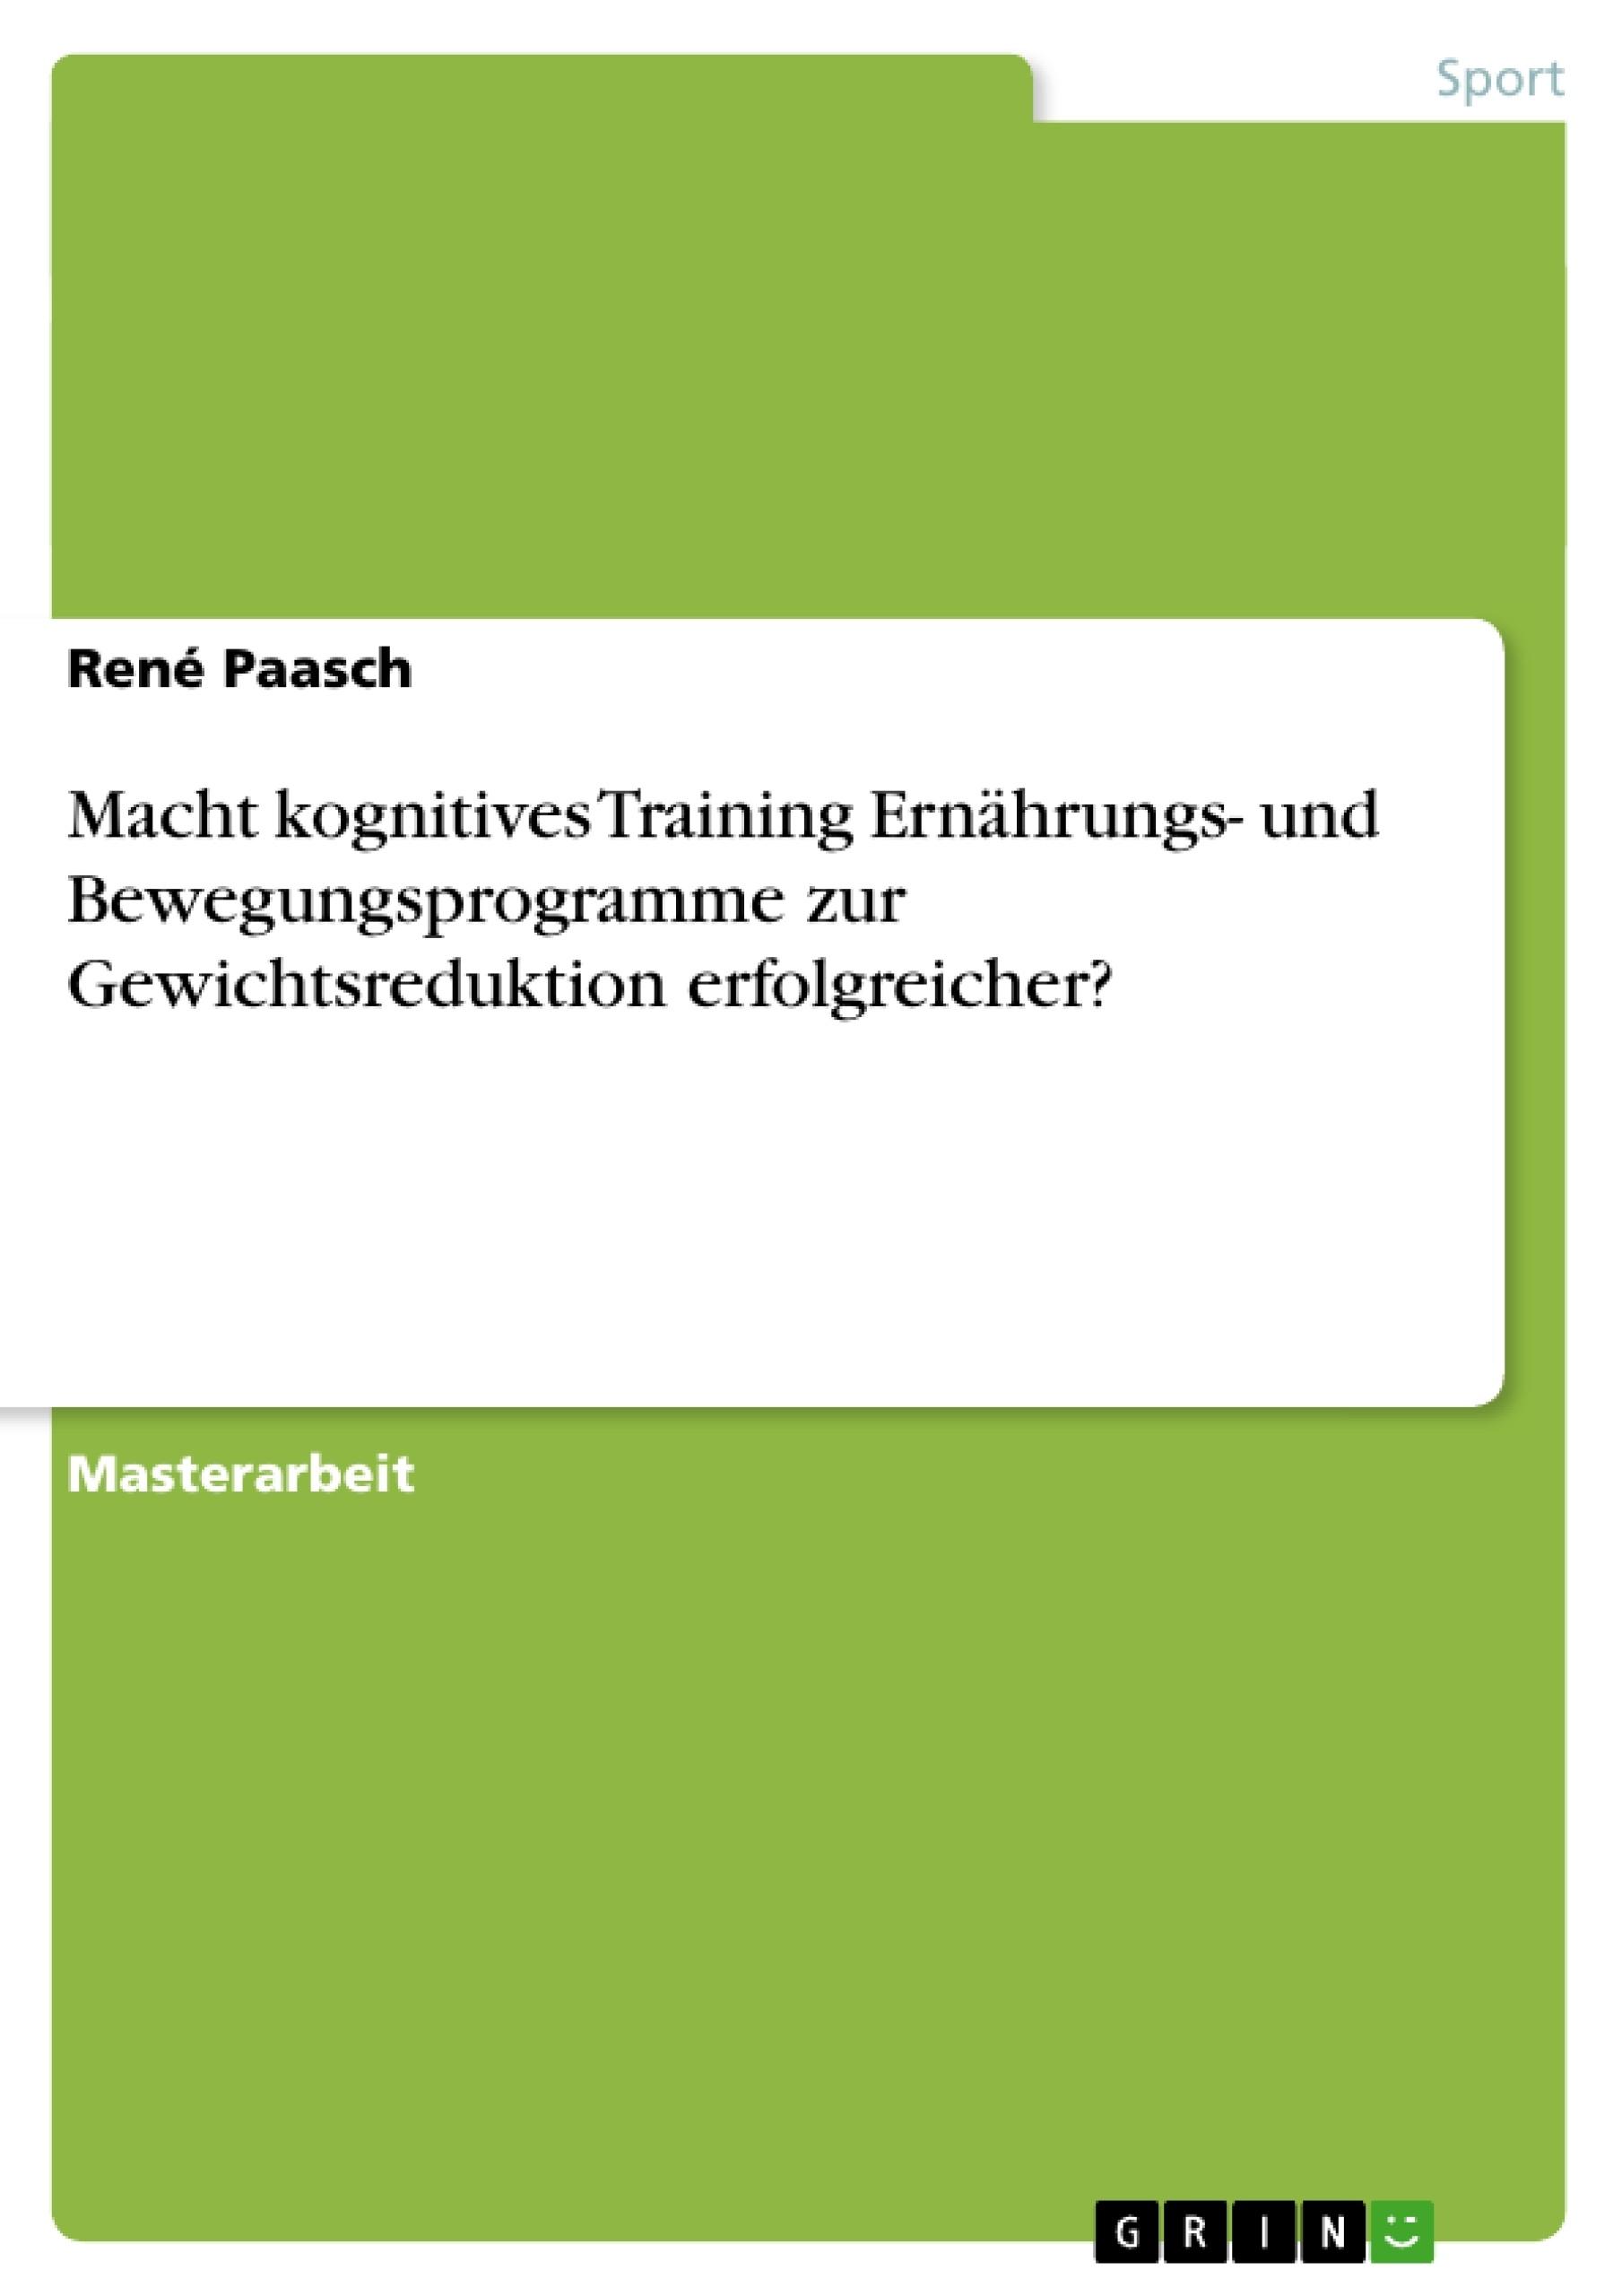 Titel: Macht kognitives Training Ernährungs- und Bewegungsprogramme zur Gewichtsreduktion erfolgreicher?